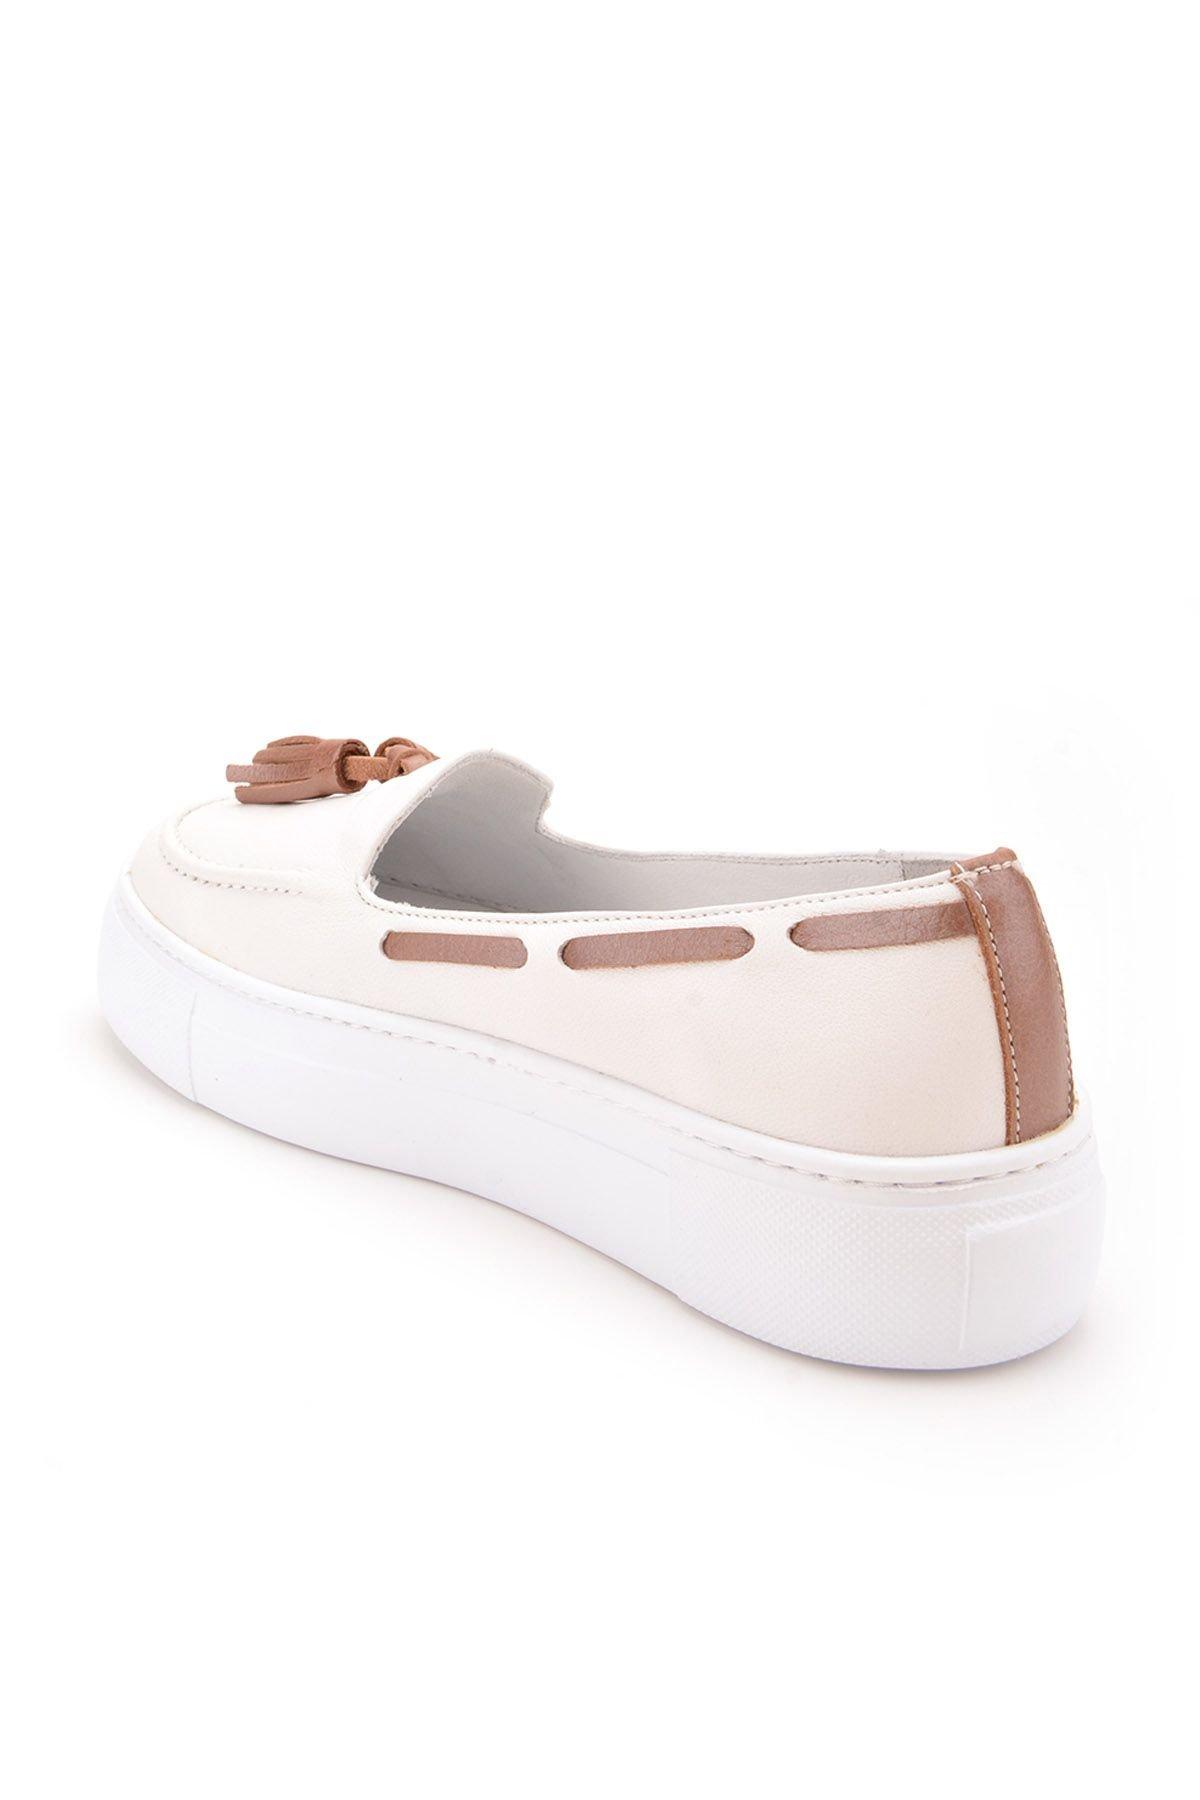 Pegia Pernety Туфли Из Натуральной Кожи  REC-010 Белый